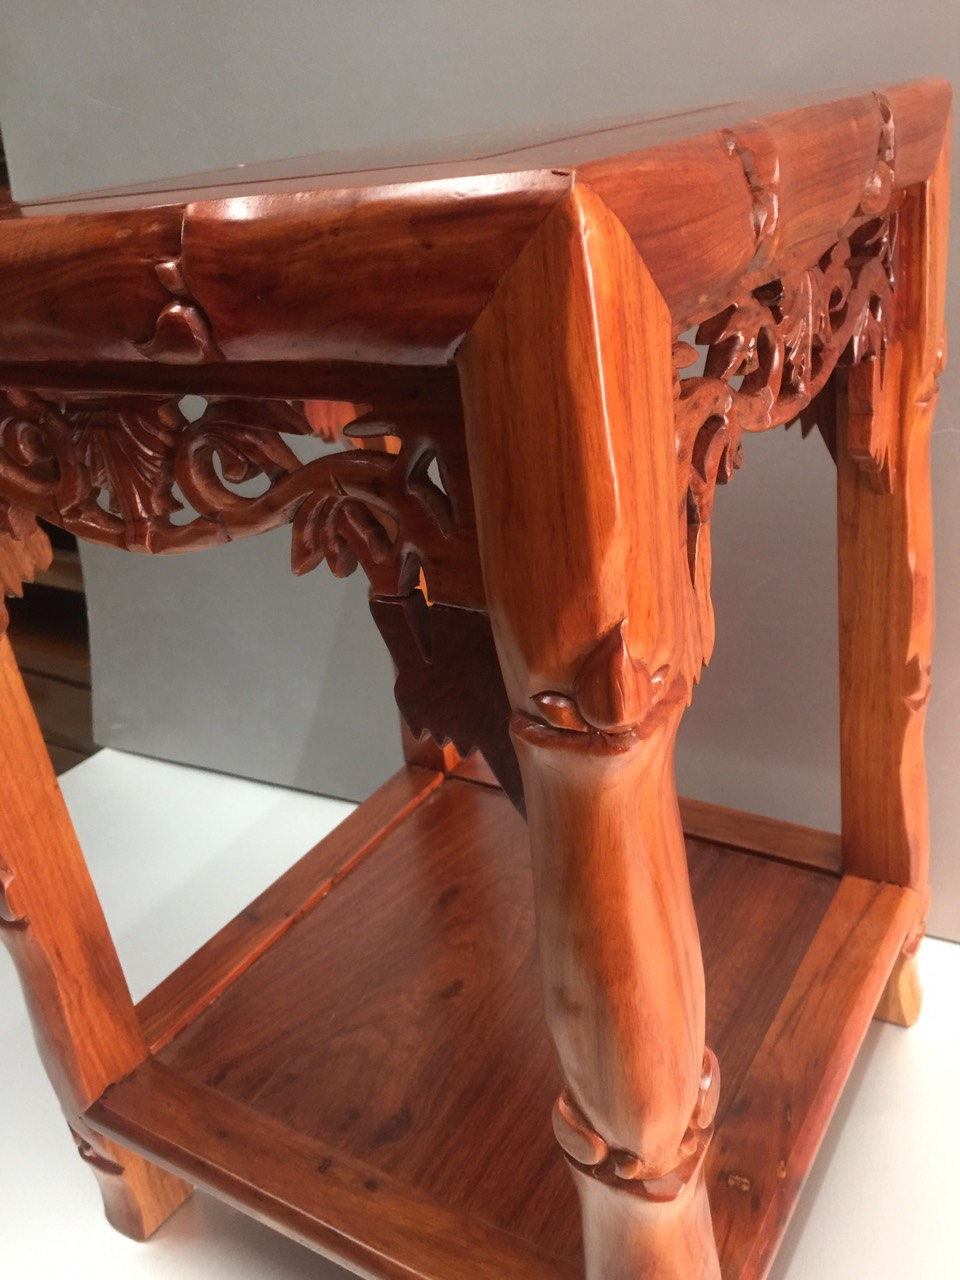 Đôn gỗ hương, vân gỗ đẹp mẫu đôn trúc , đôn kê đồ phong thuỷ, đôn kê tượng